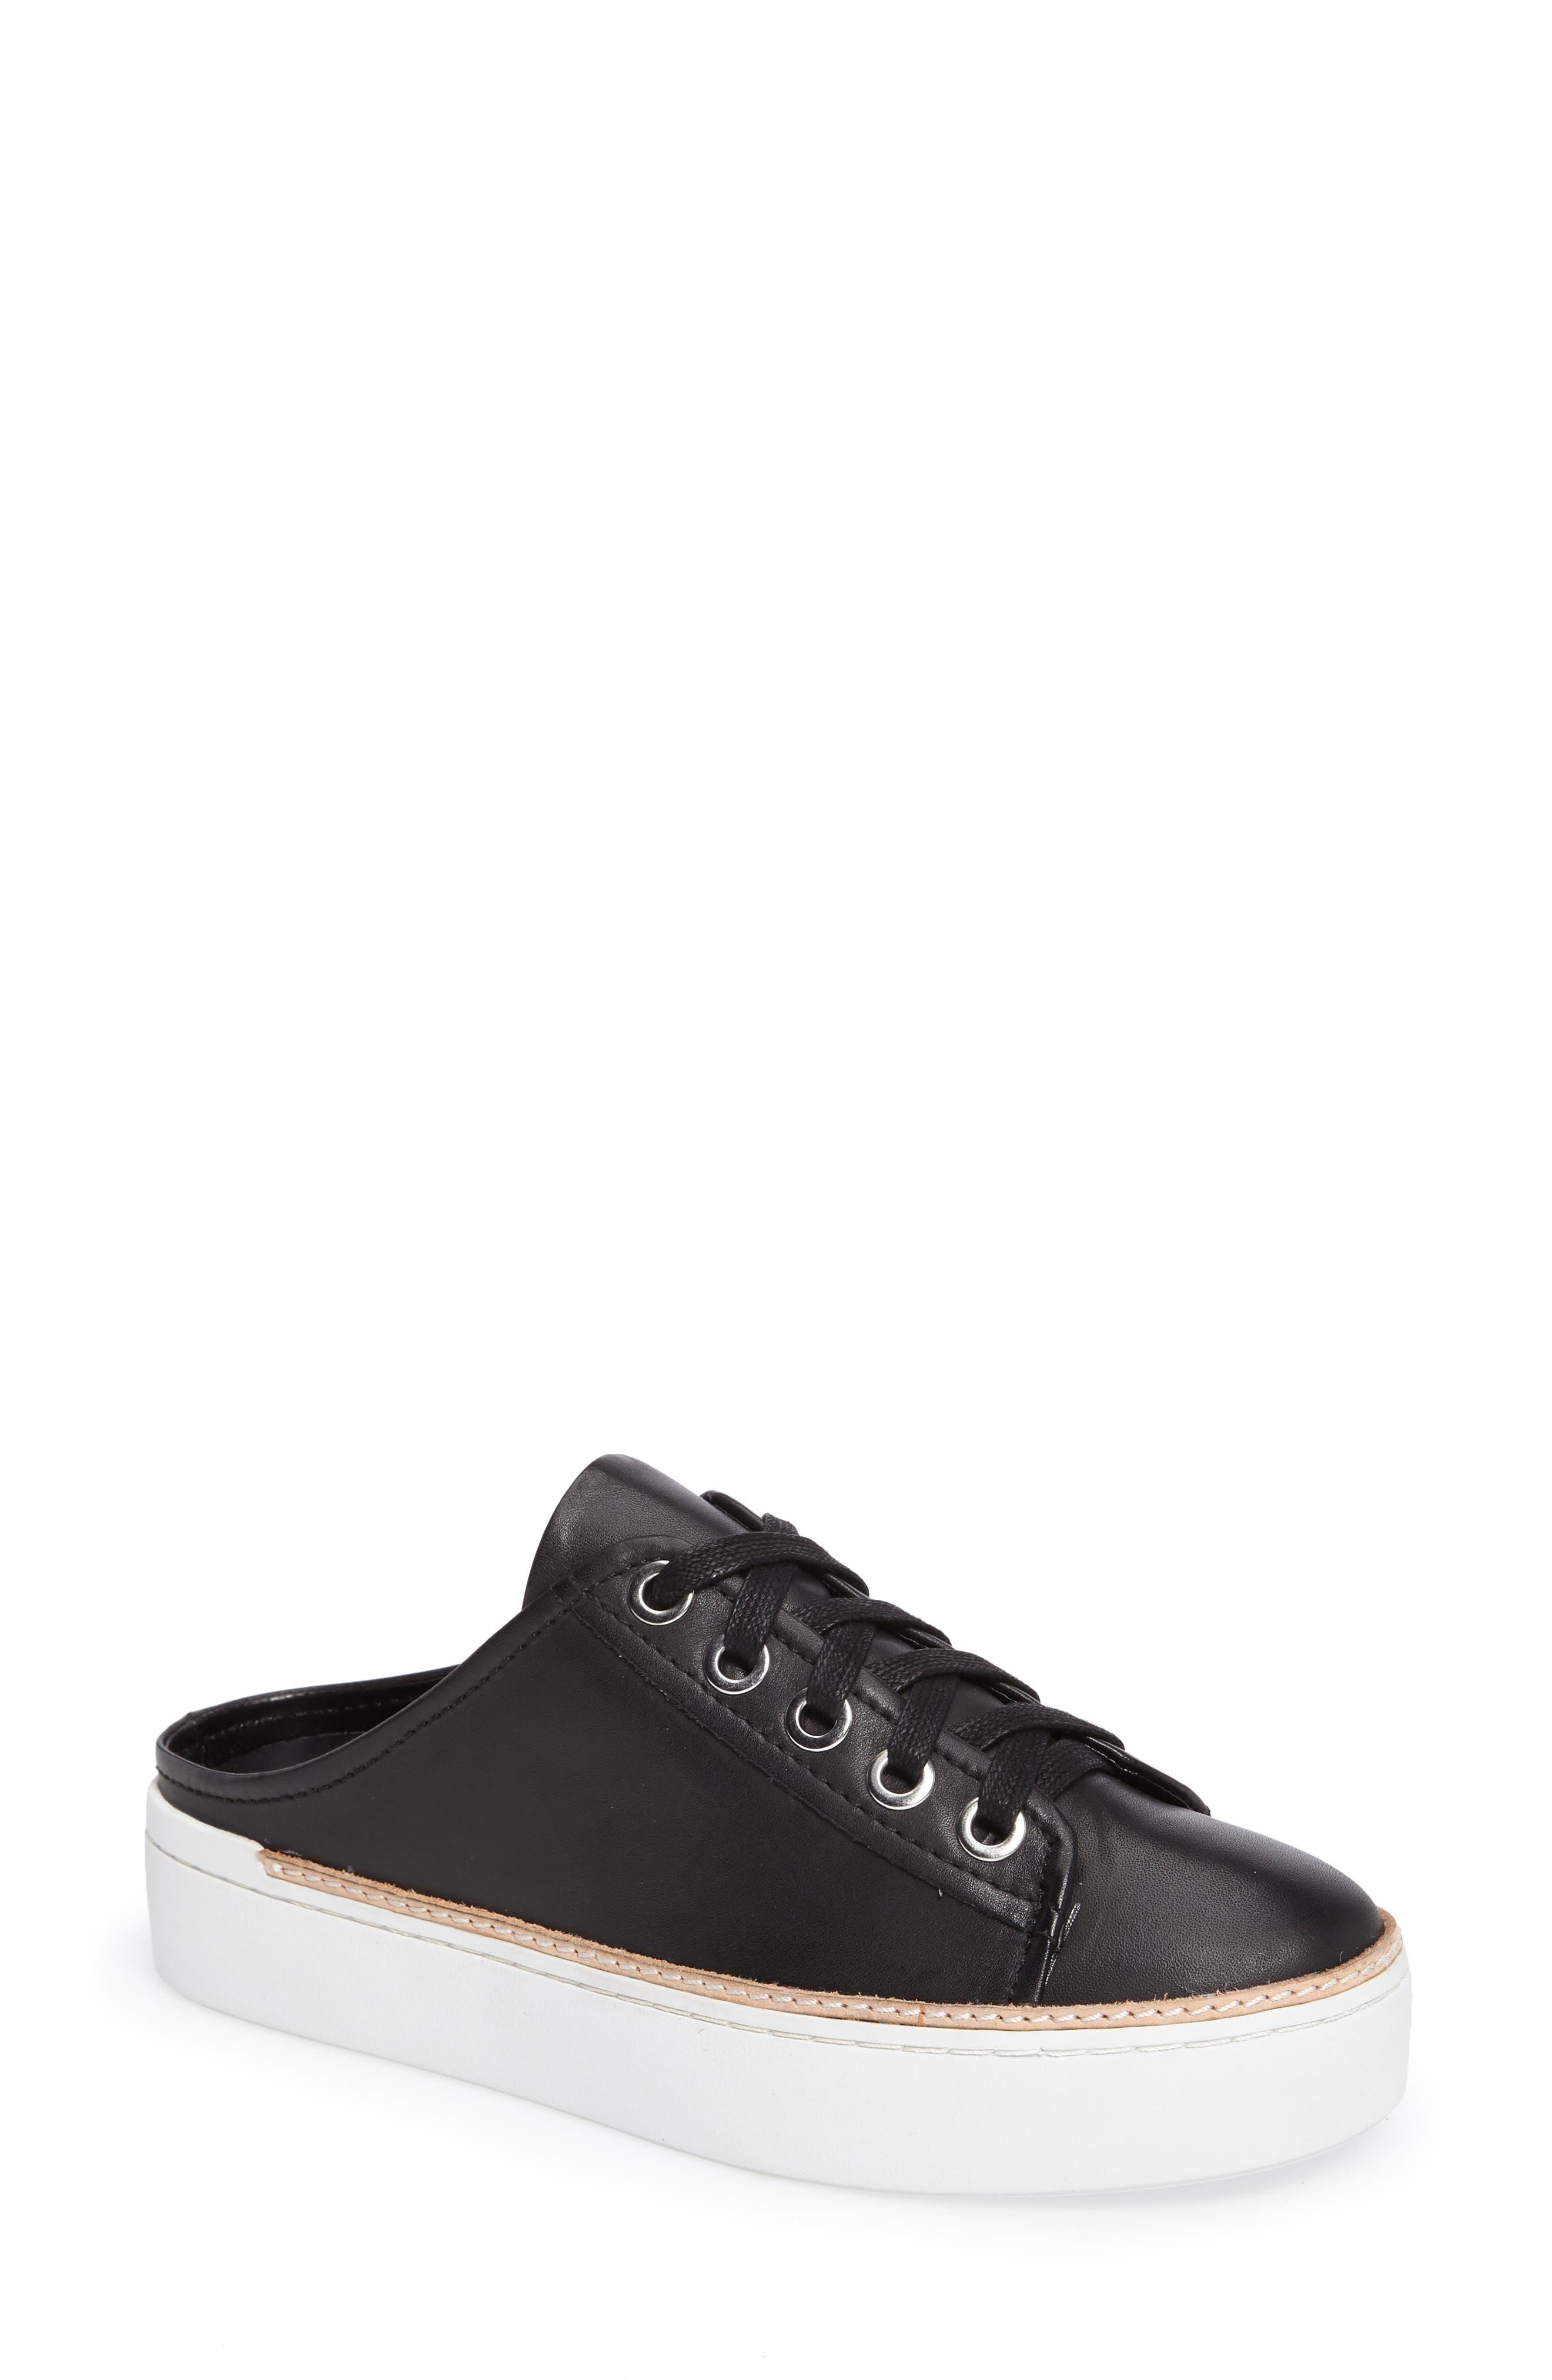 M4D3 Slide Platform Sneaker